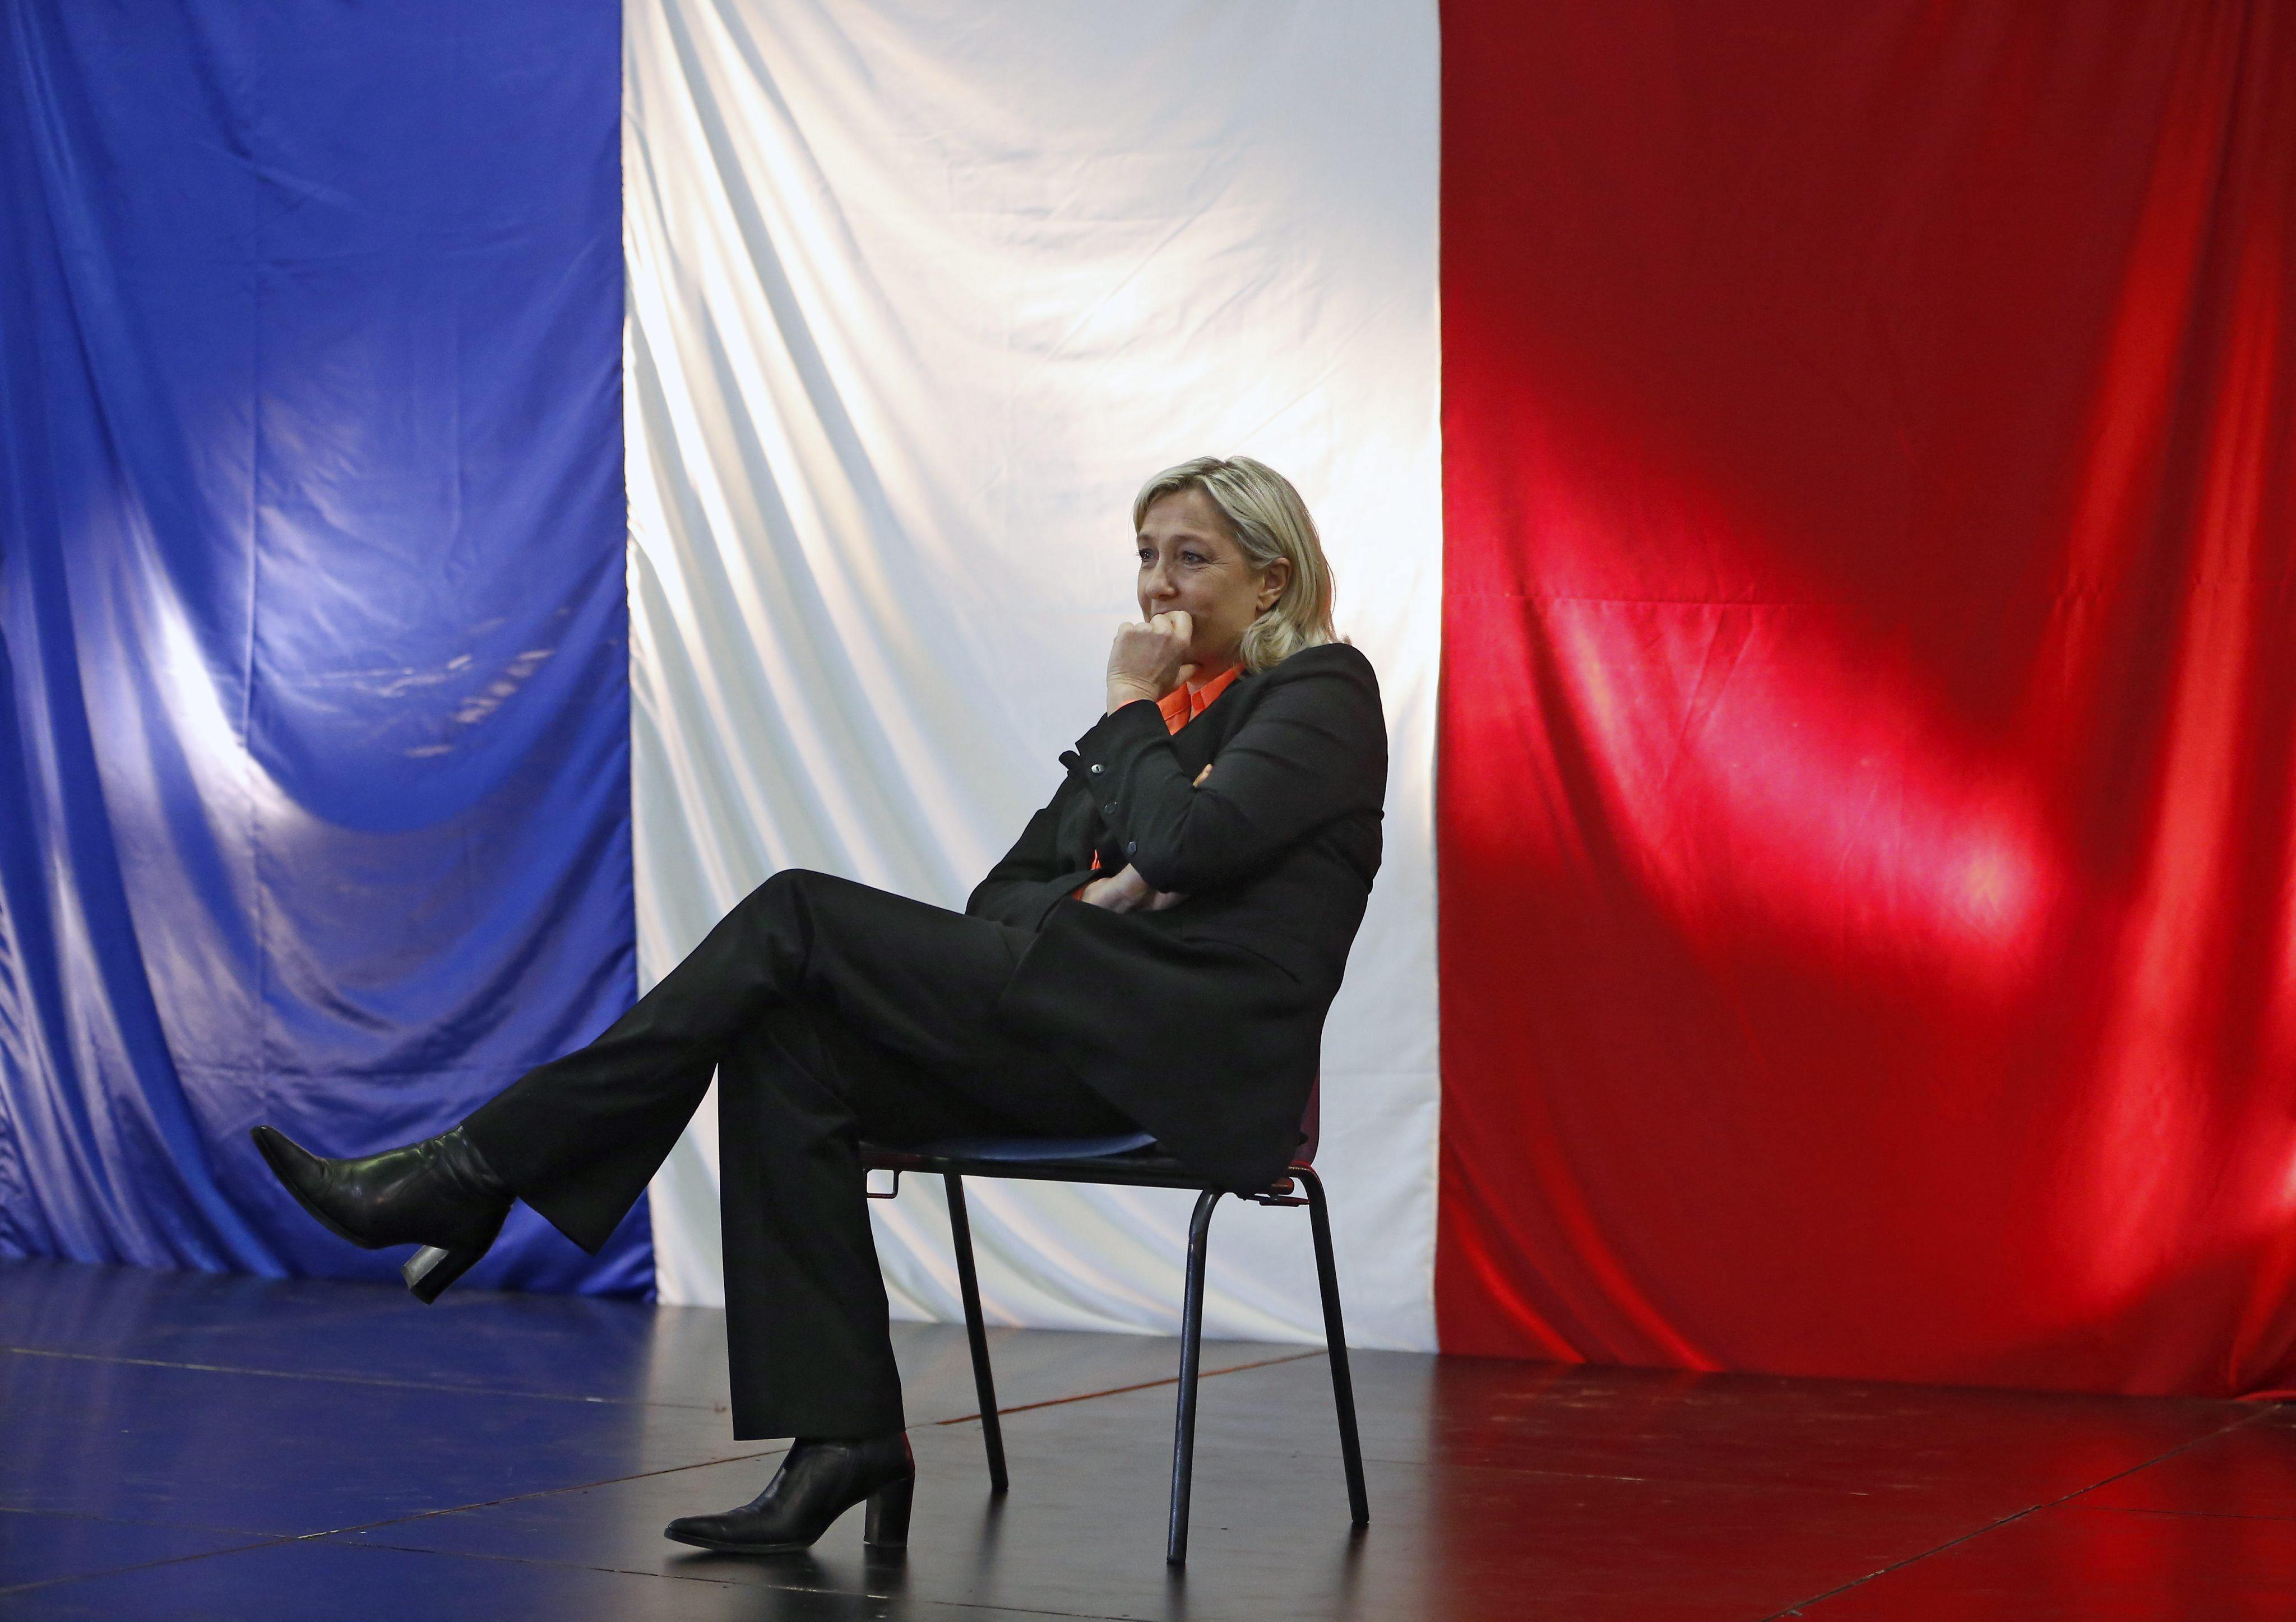 Elecciones europeas 2014: Le Pen es la fuerza más votada de Francia